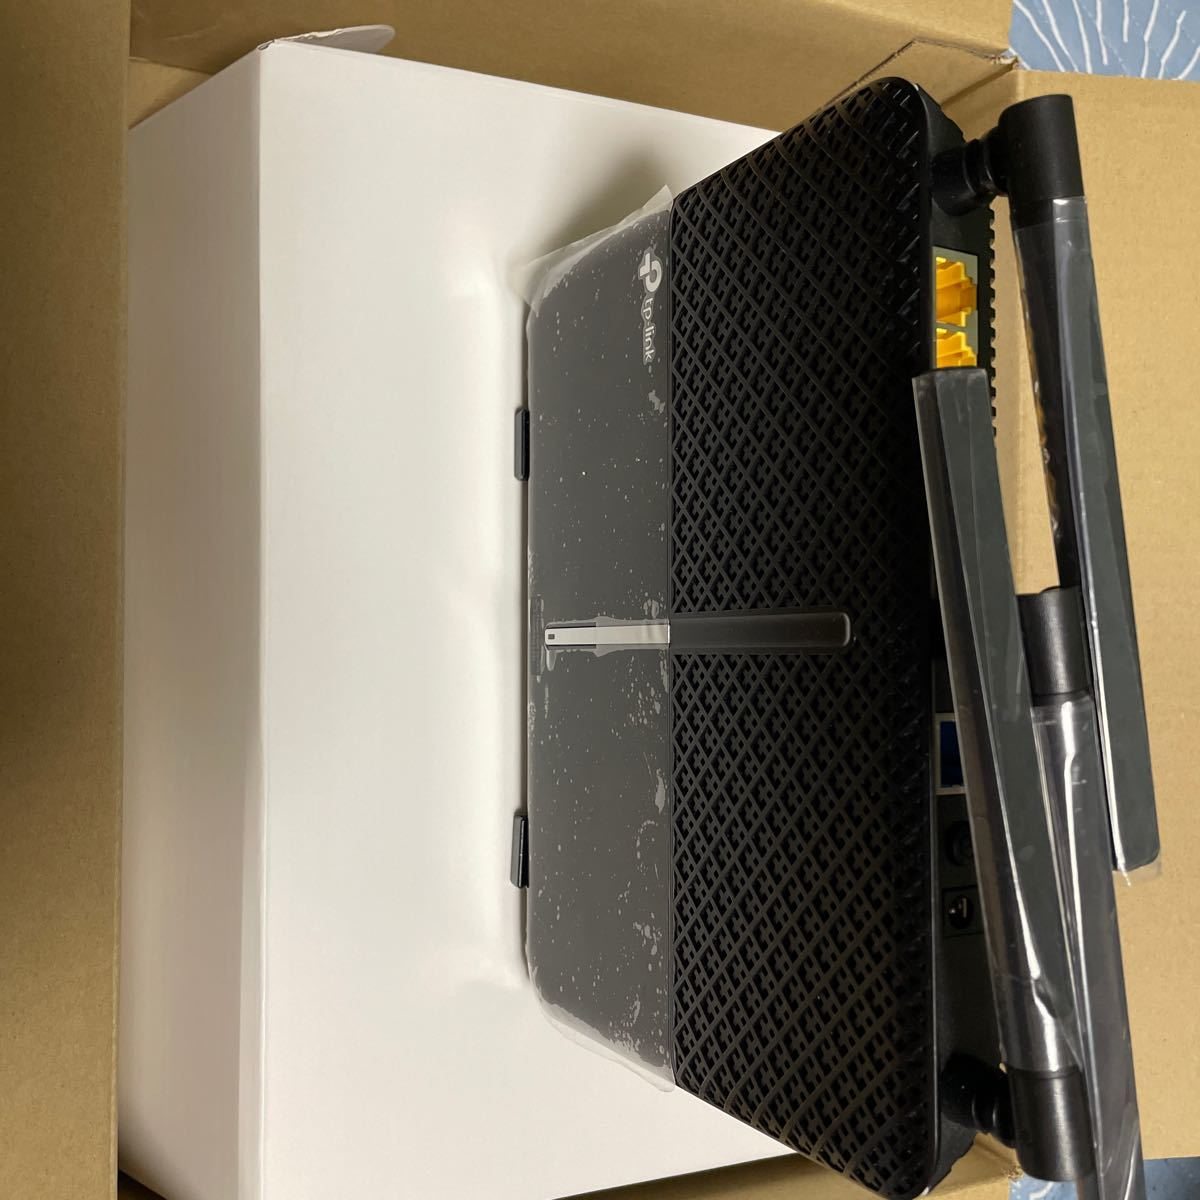 WiFiルーター1733Mbps+800Mbps 無線lanルーター  IPv6 ギガビット TP-Link  Archer